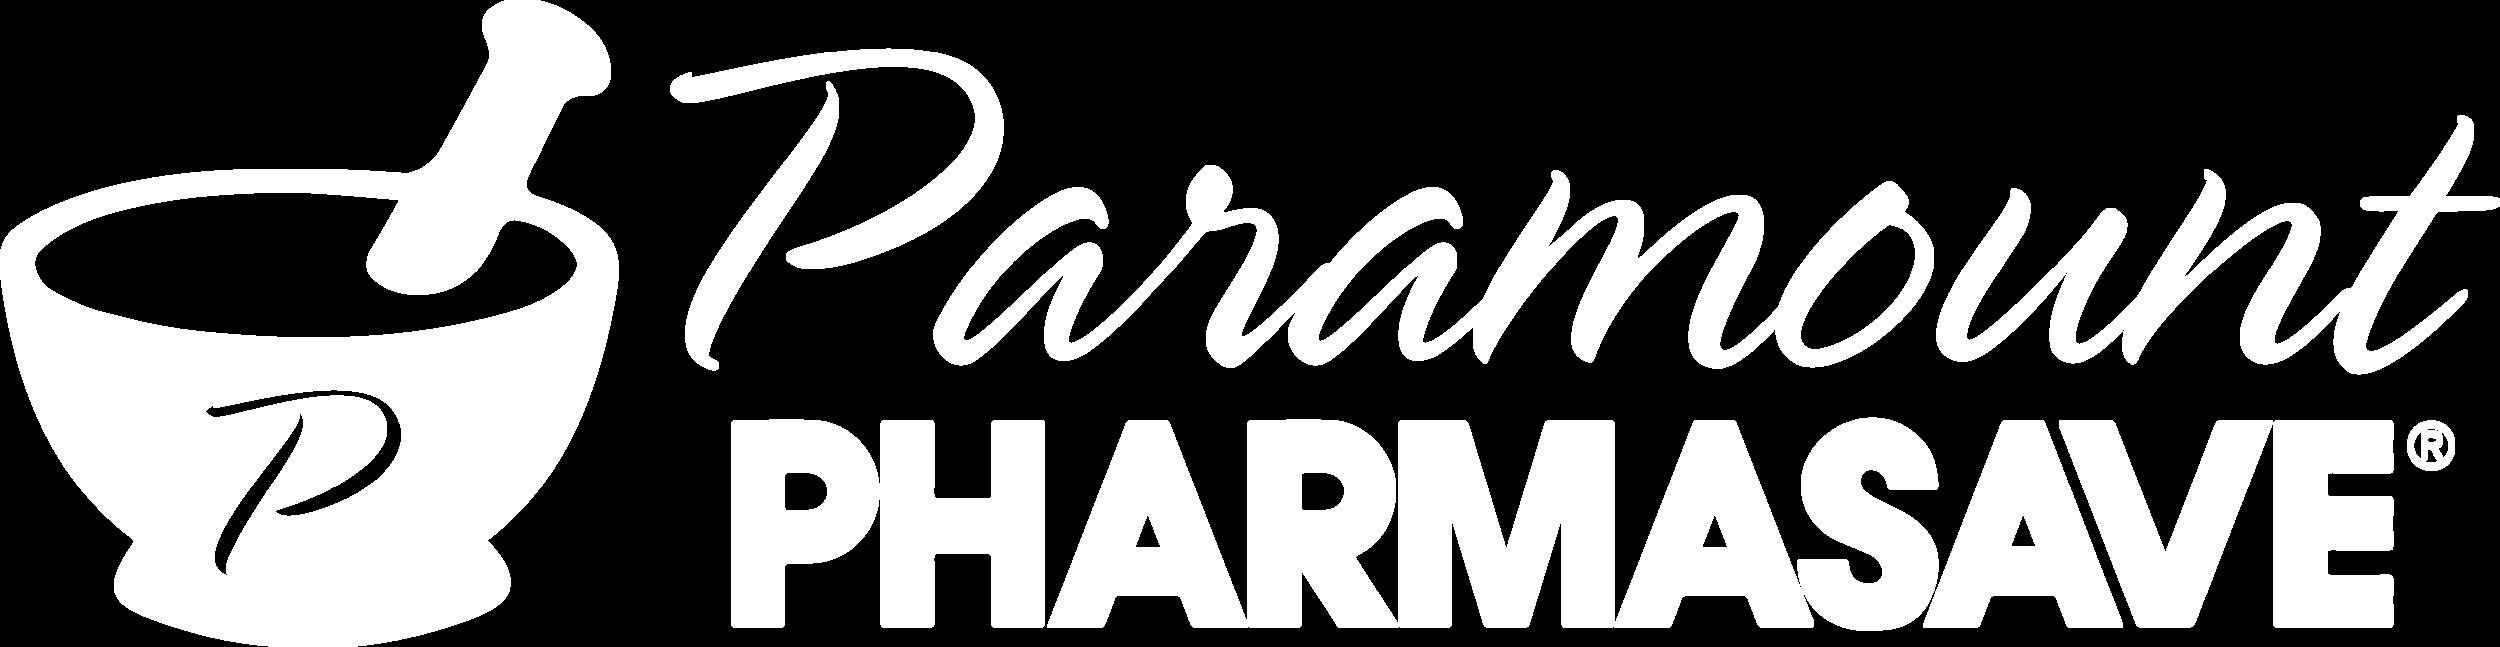 PARAMOUNT PHARMASAVE LOGO white.png